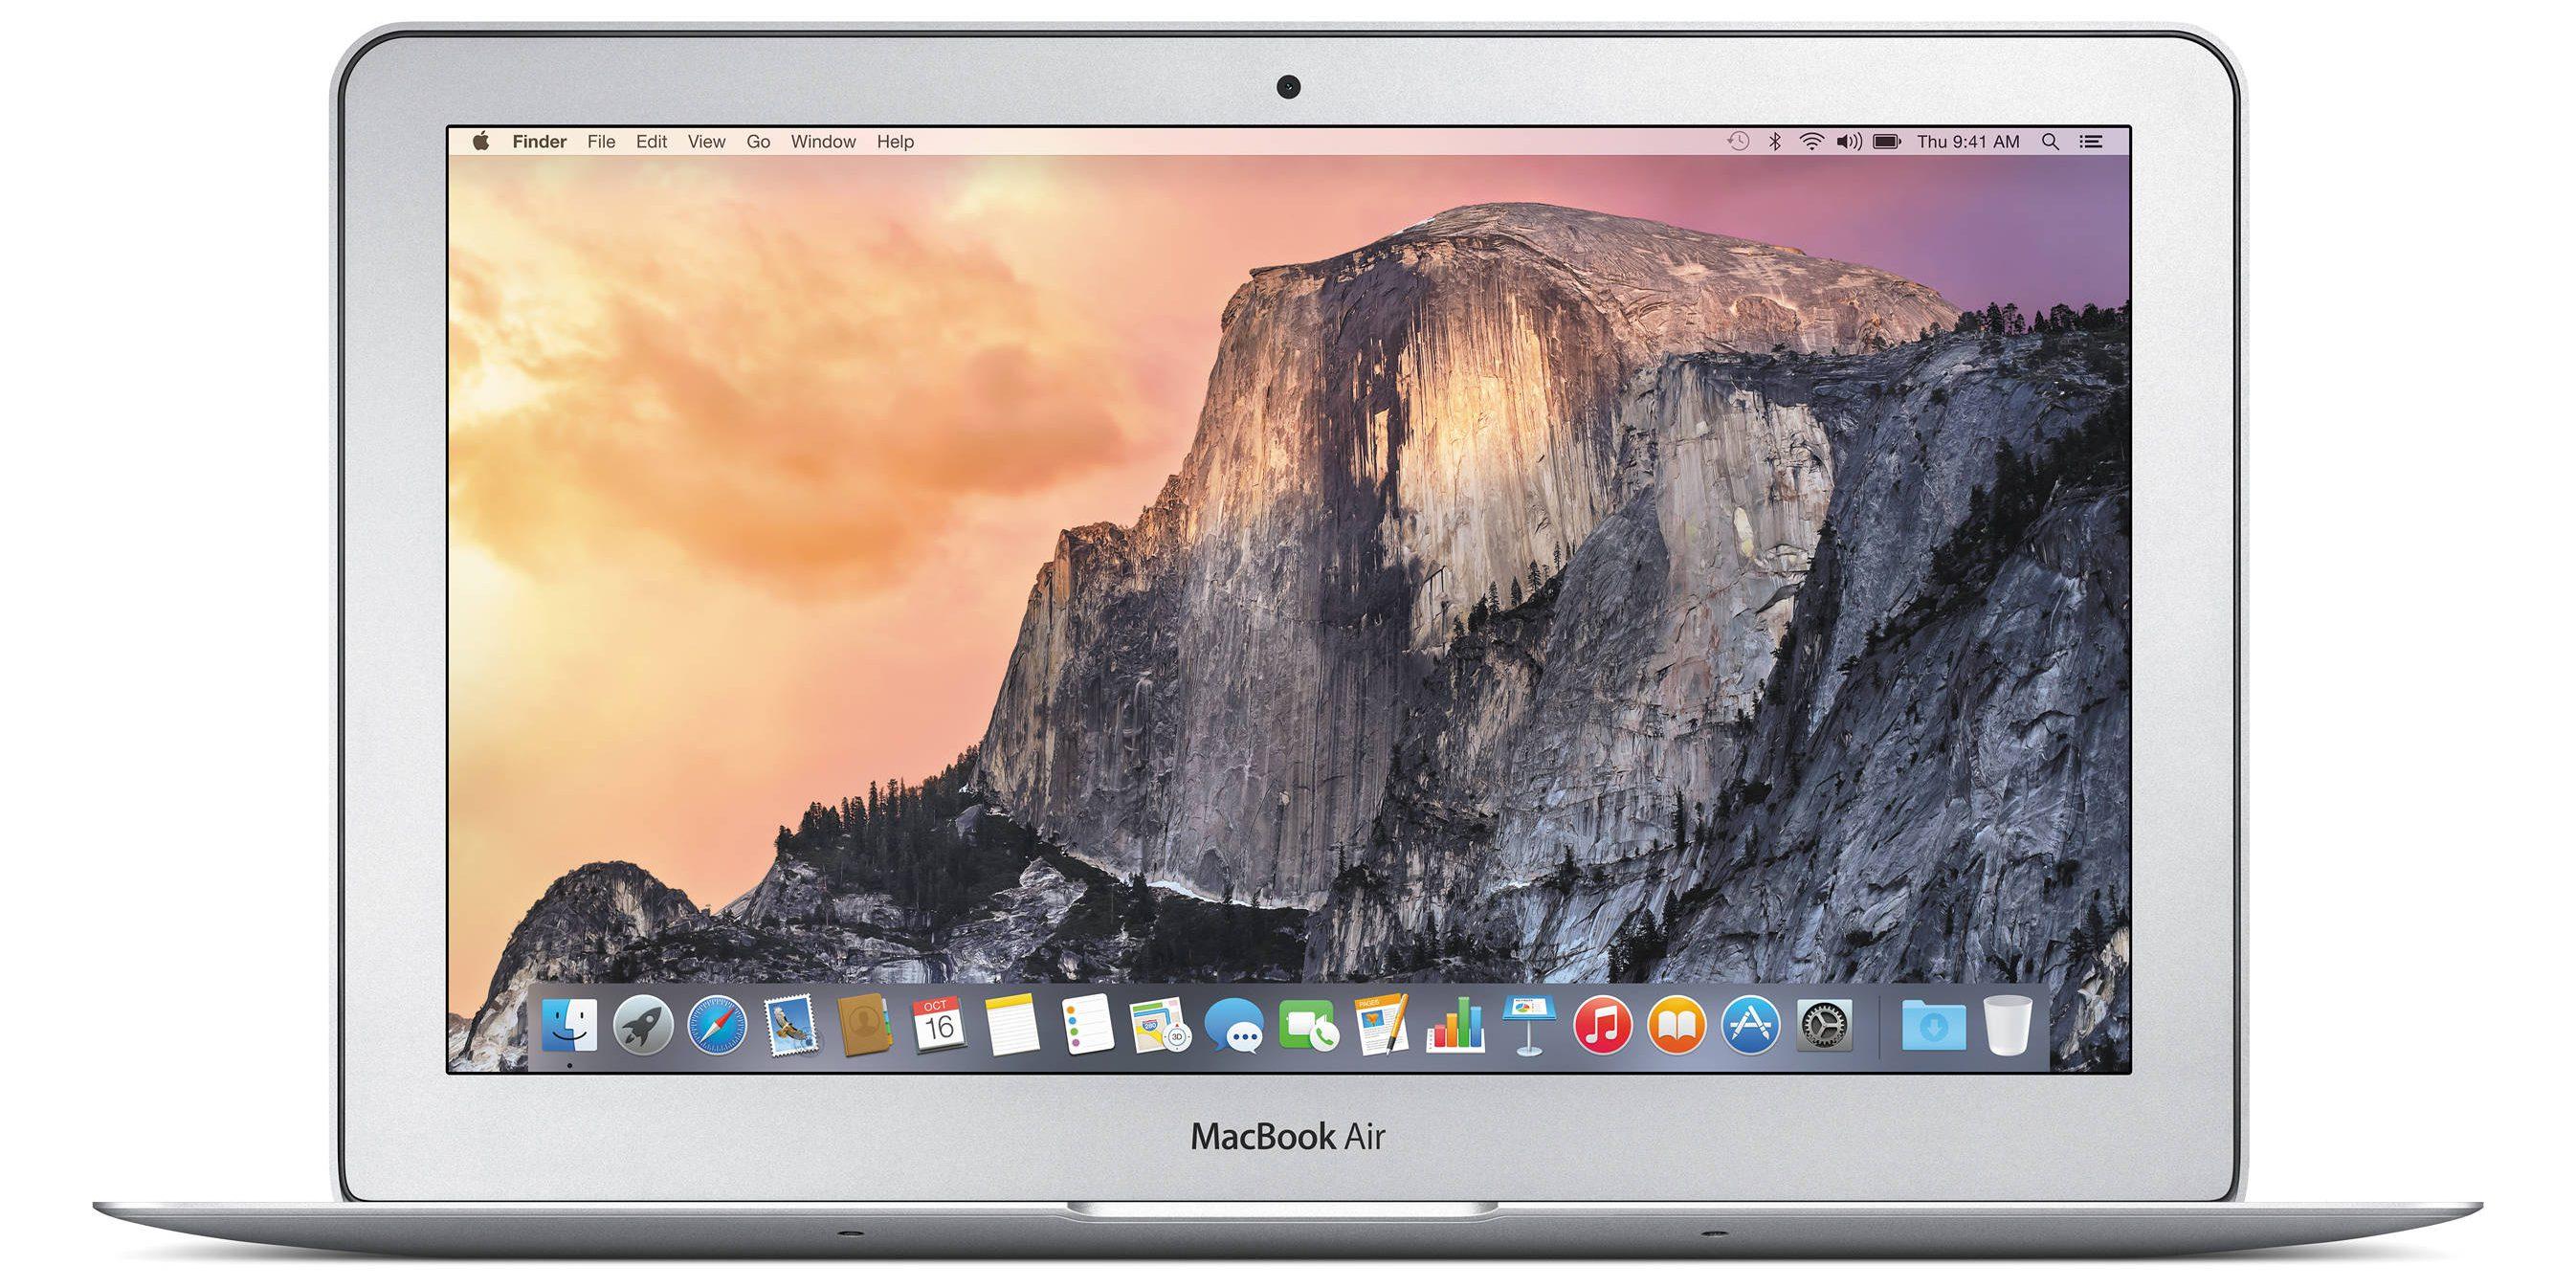 apple-mjvm2ll-a-11-inch-macbook-air